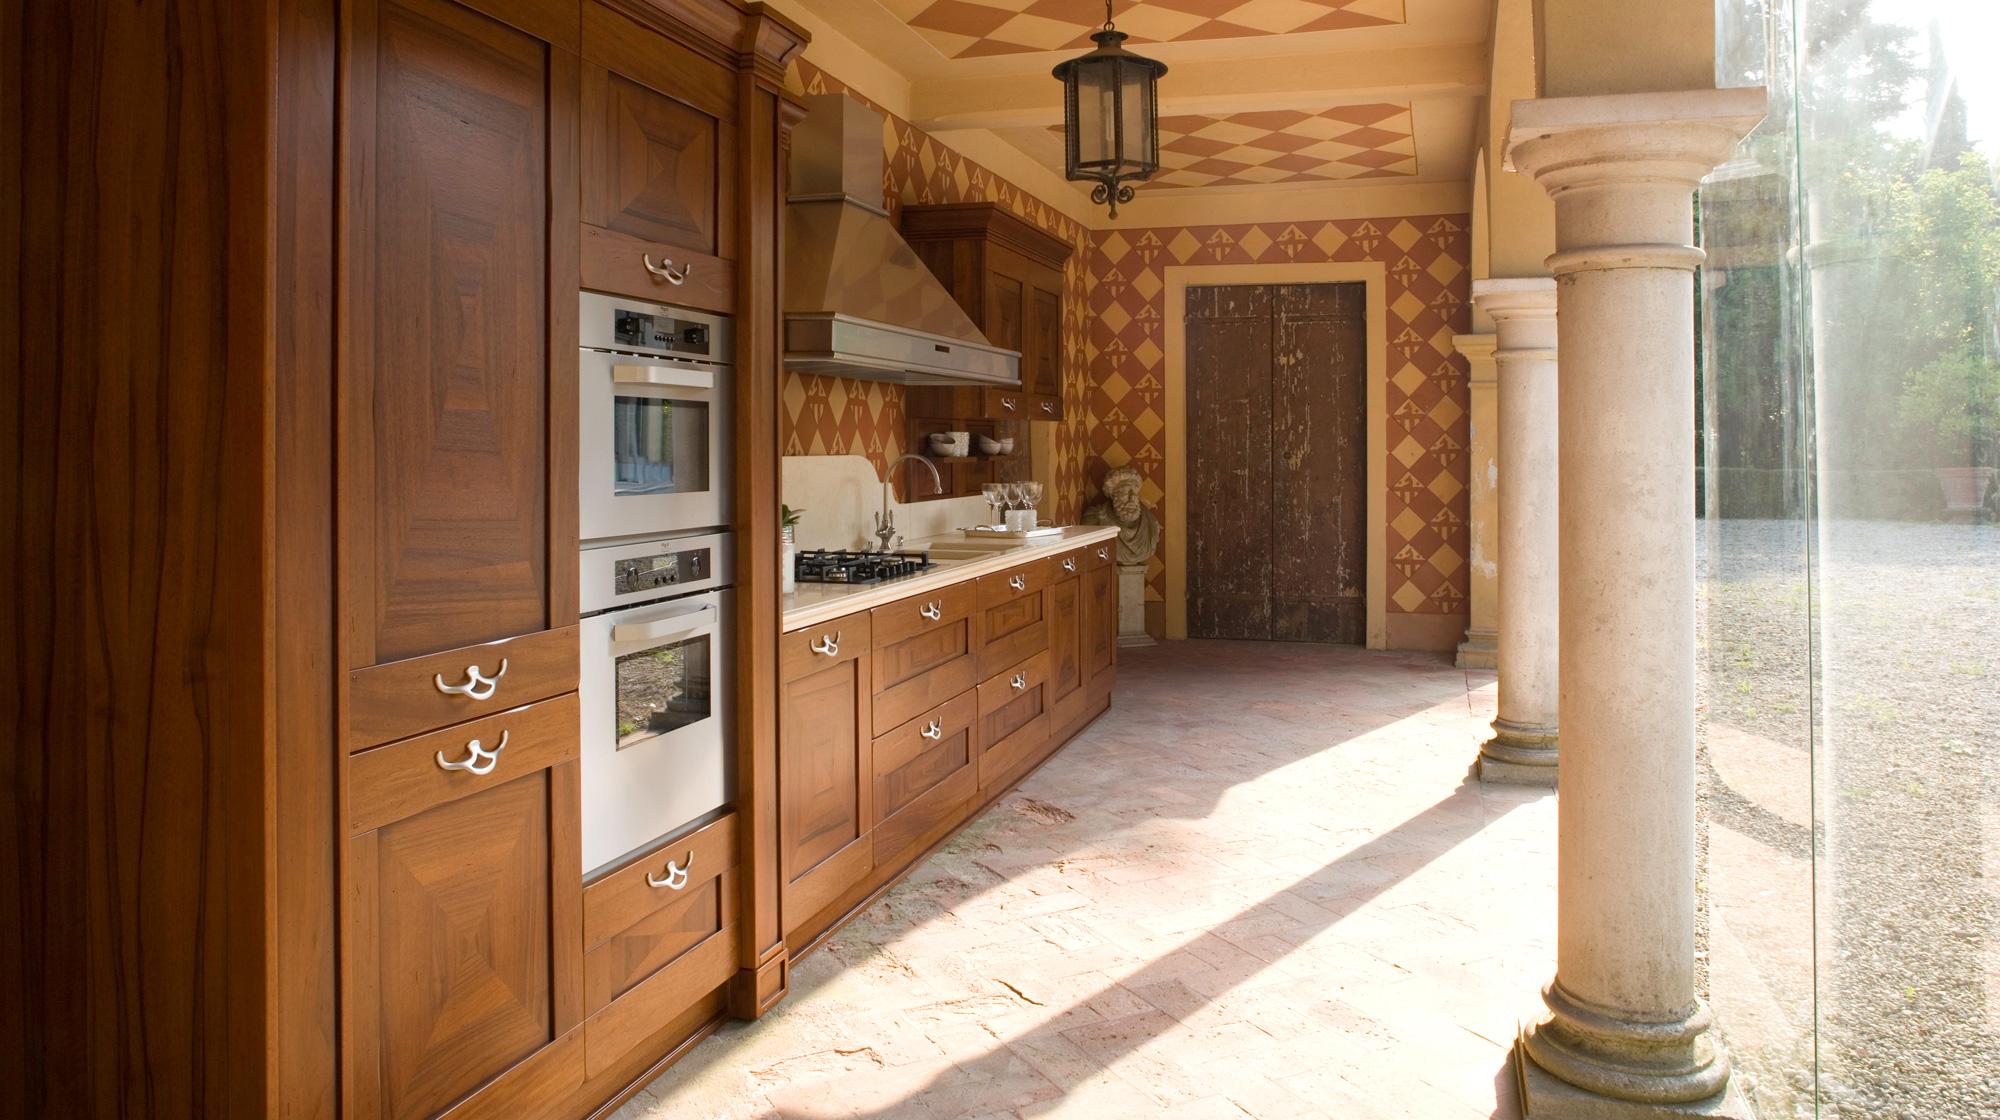 Cucina Classica Veneta Cucine.Kitchen Ca Veneta Tradizione Veneta Cucine